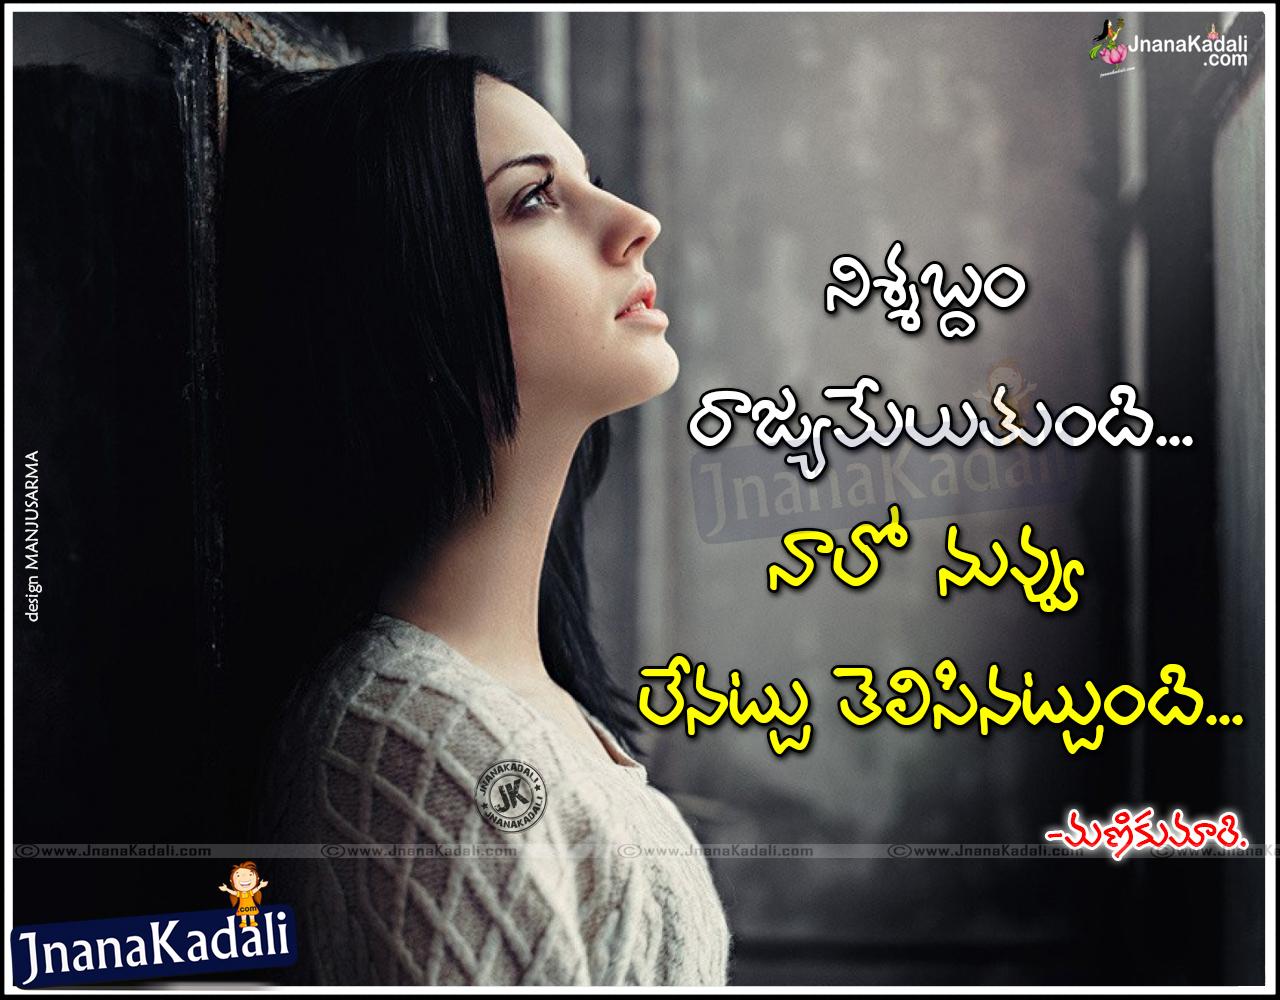 Telugu Love Failure Quotes Hd Images Nemetas Aufgegabelt Info